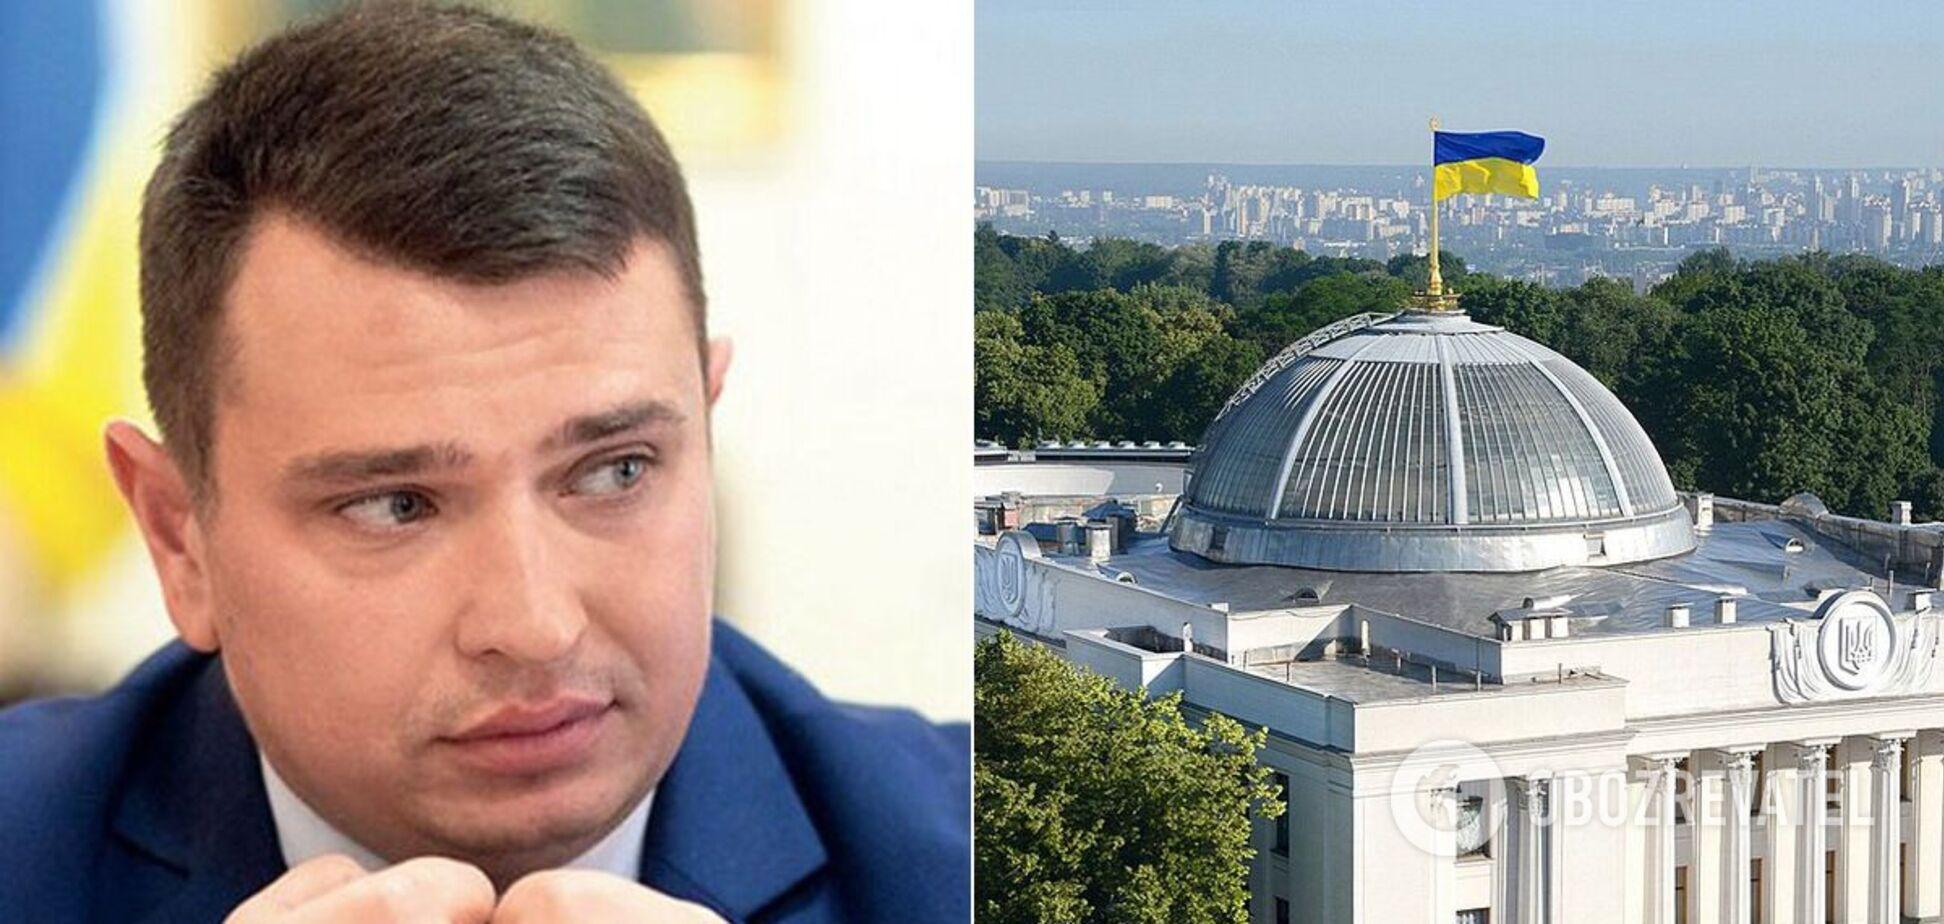 Уволят ли Сытника? Депутаты хотят изменить Конституцию и ожидают политического решения